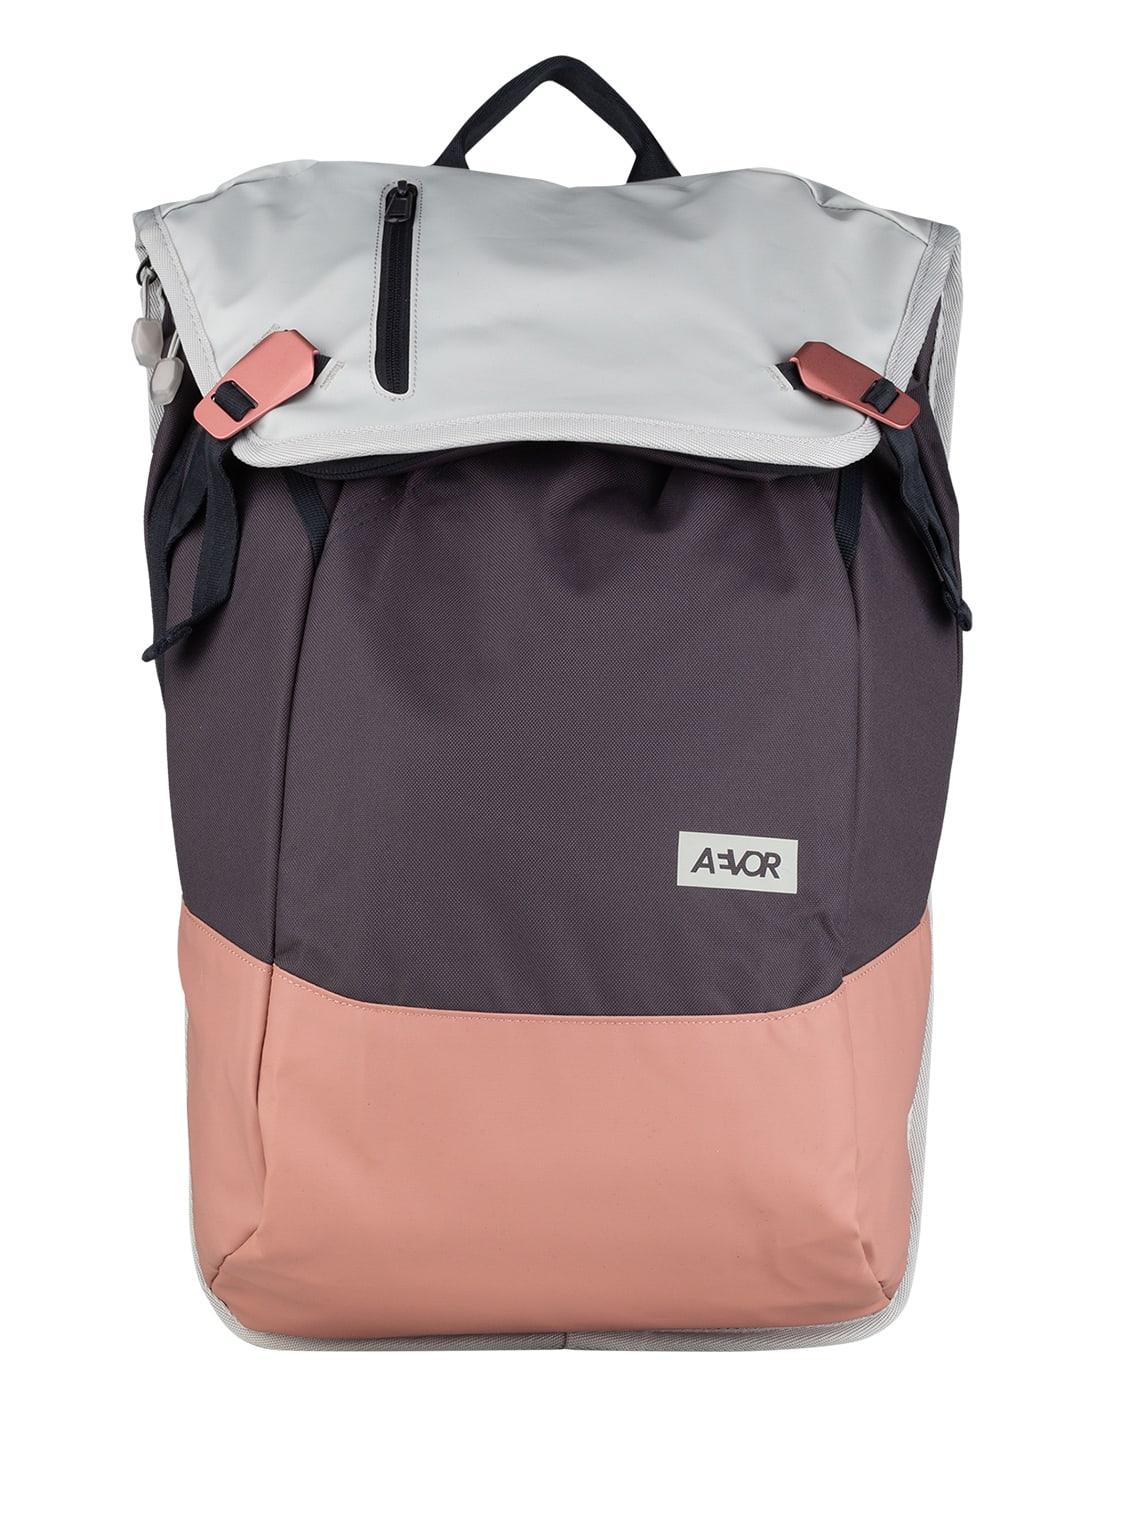 Image of Aevor Rucksack Daypack 18 L (Erweiterbar Auf 28 L) Mit Laptop-Fach grau